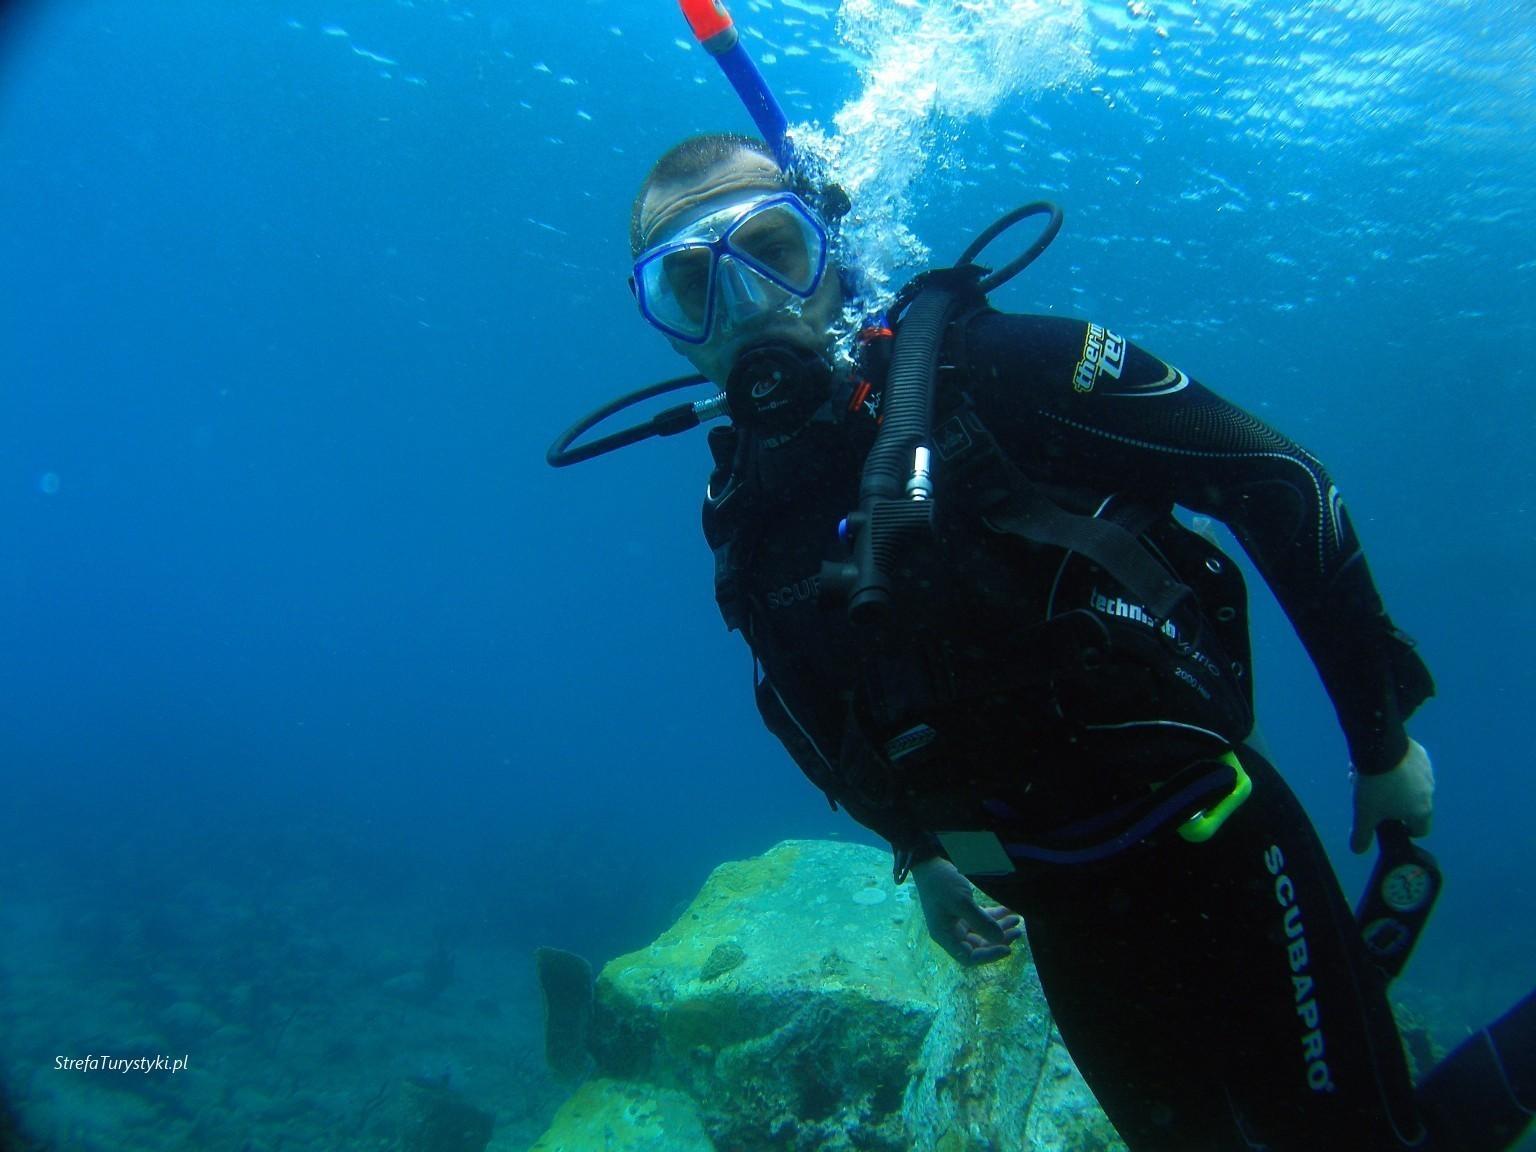 Jacek Karaiby nurkowanie